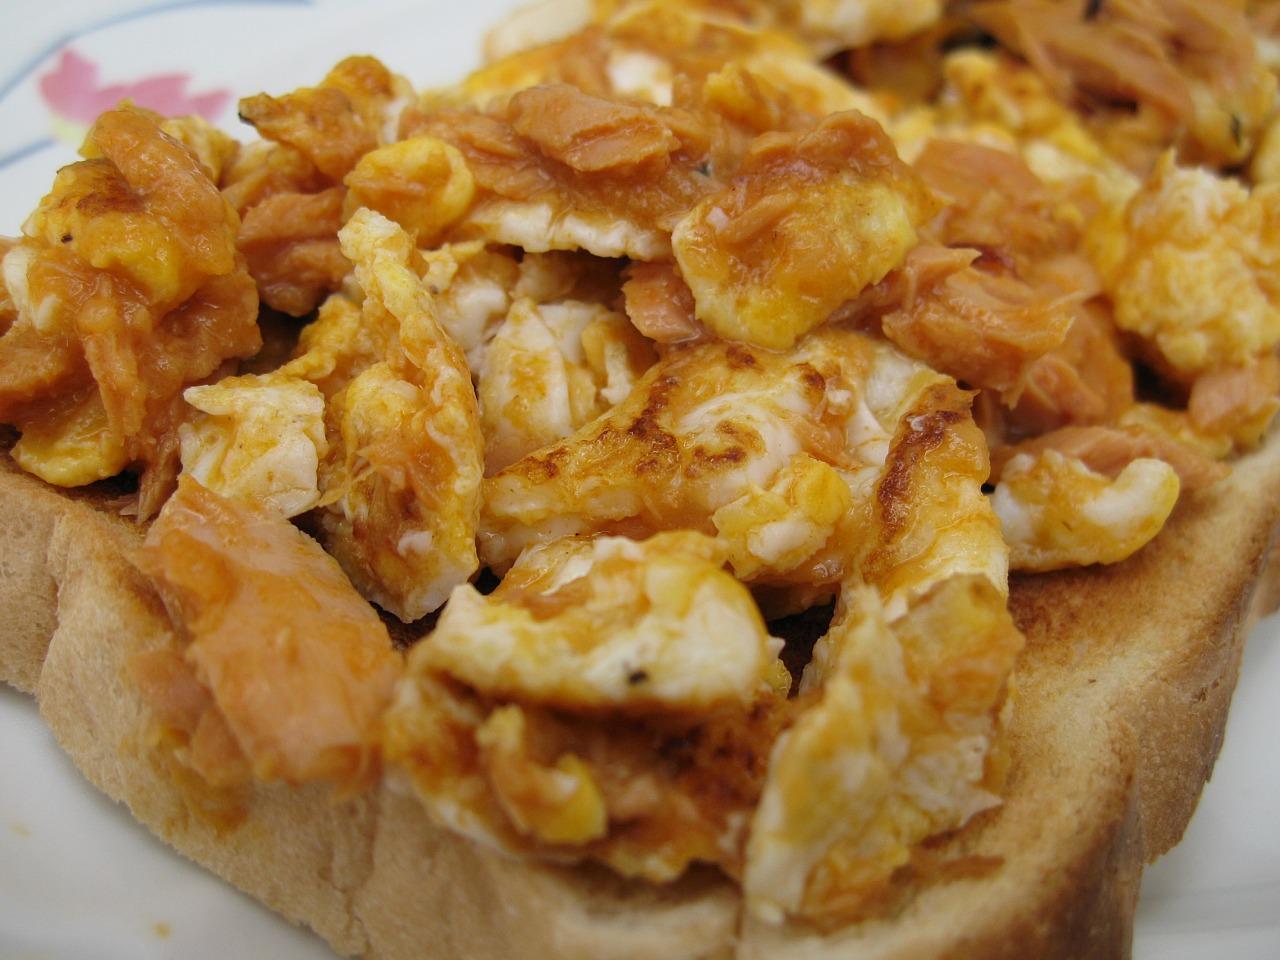 File:Scrambled-Eggs-And-Tuna-On-Toast-2007.jpg - Wikimedia Commons